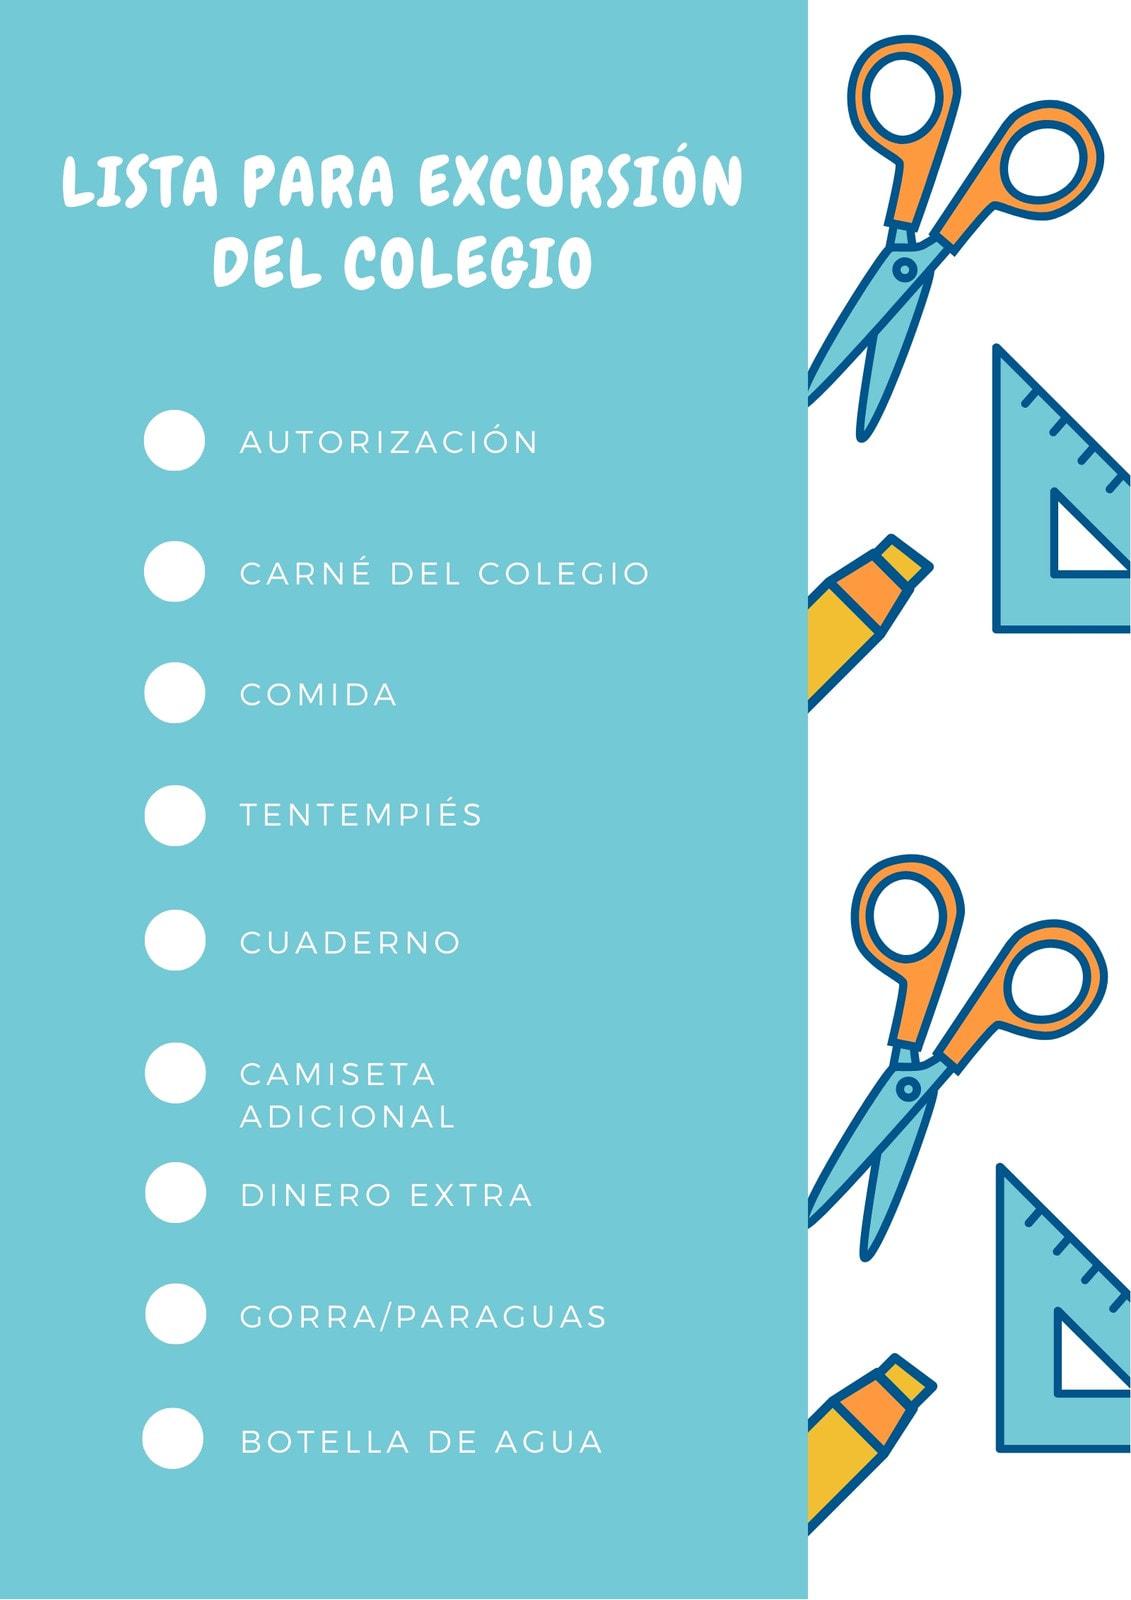 Azul Blanco Naranja Escuela Verificación Lista